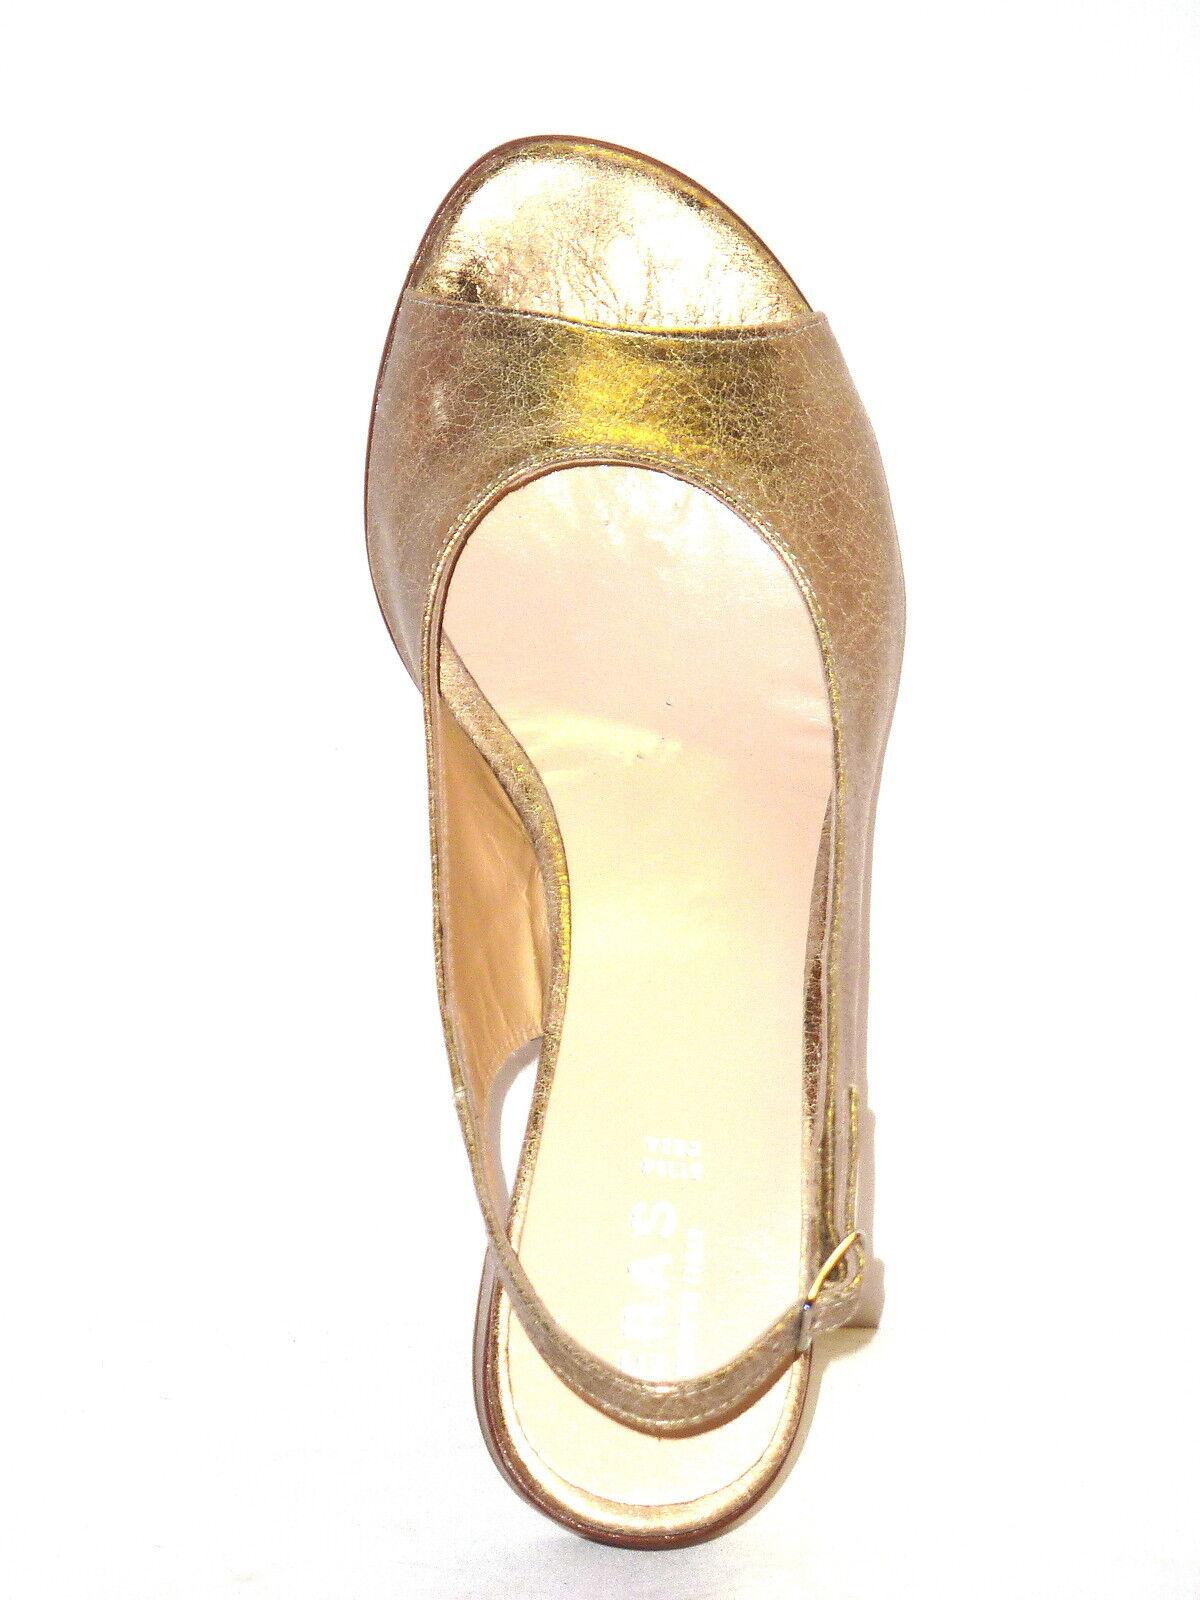 separation shoes 332c0 638d7 756 SANDALIAS DE MUJER TRENDY MODE CÓMODA TACONES BAJO ORO MARTILLADO n. 36  f8c4d6 - higrotemper.es